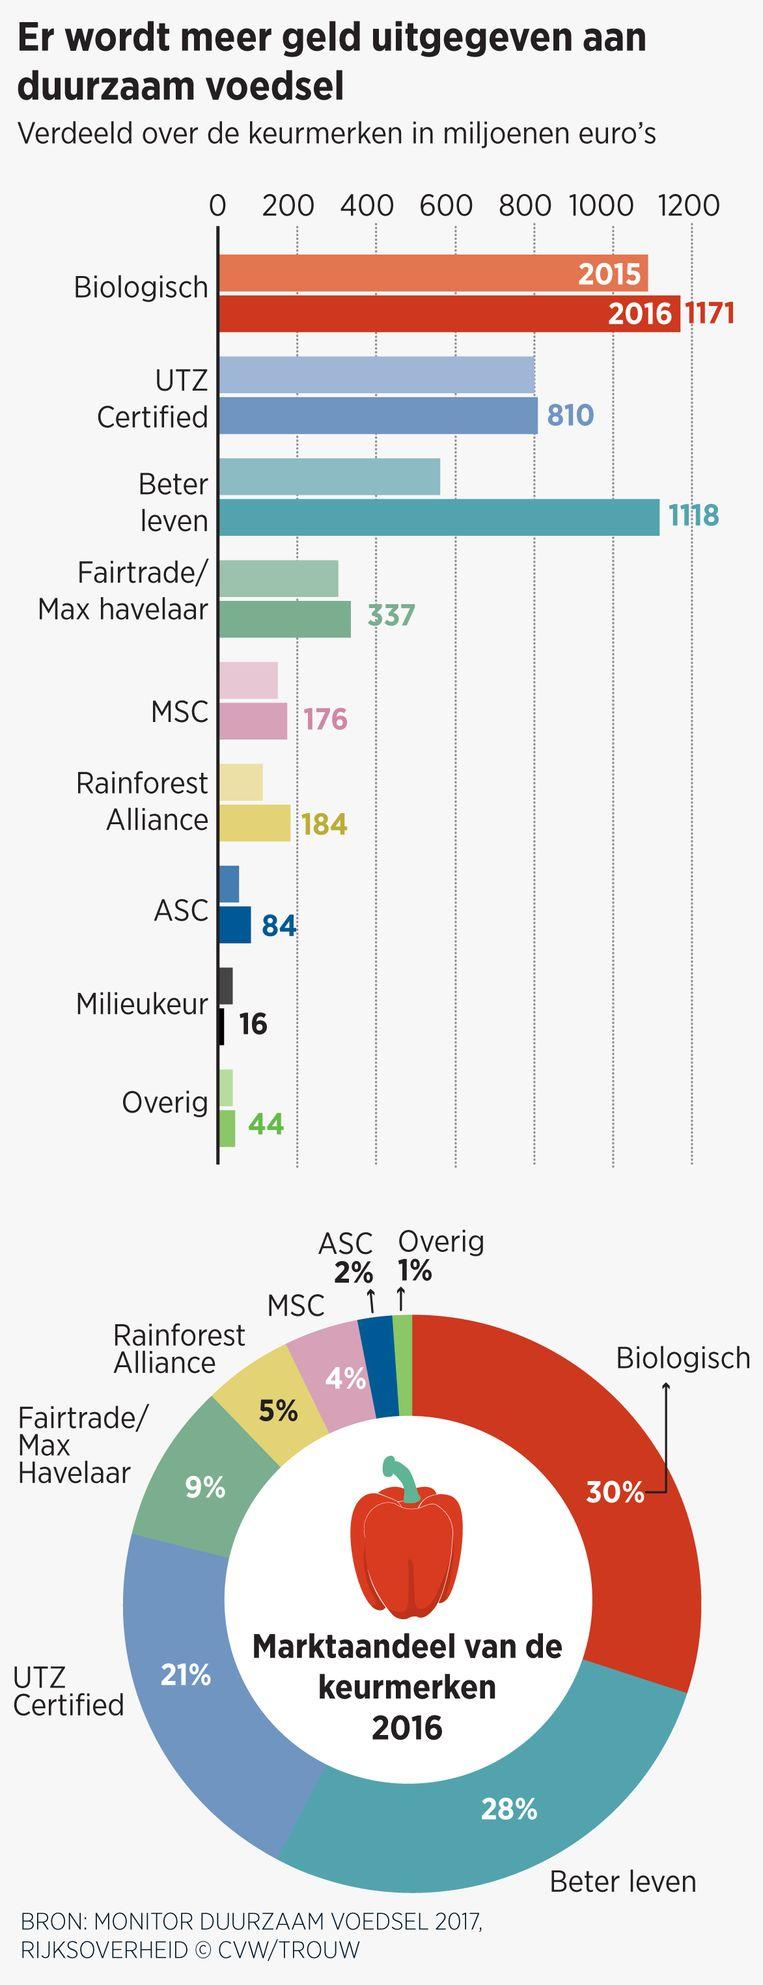 Nederlanders geven het meeste geld uit aan duurzame producten met het label Biologisch. Beeld CVW/TROUW